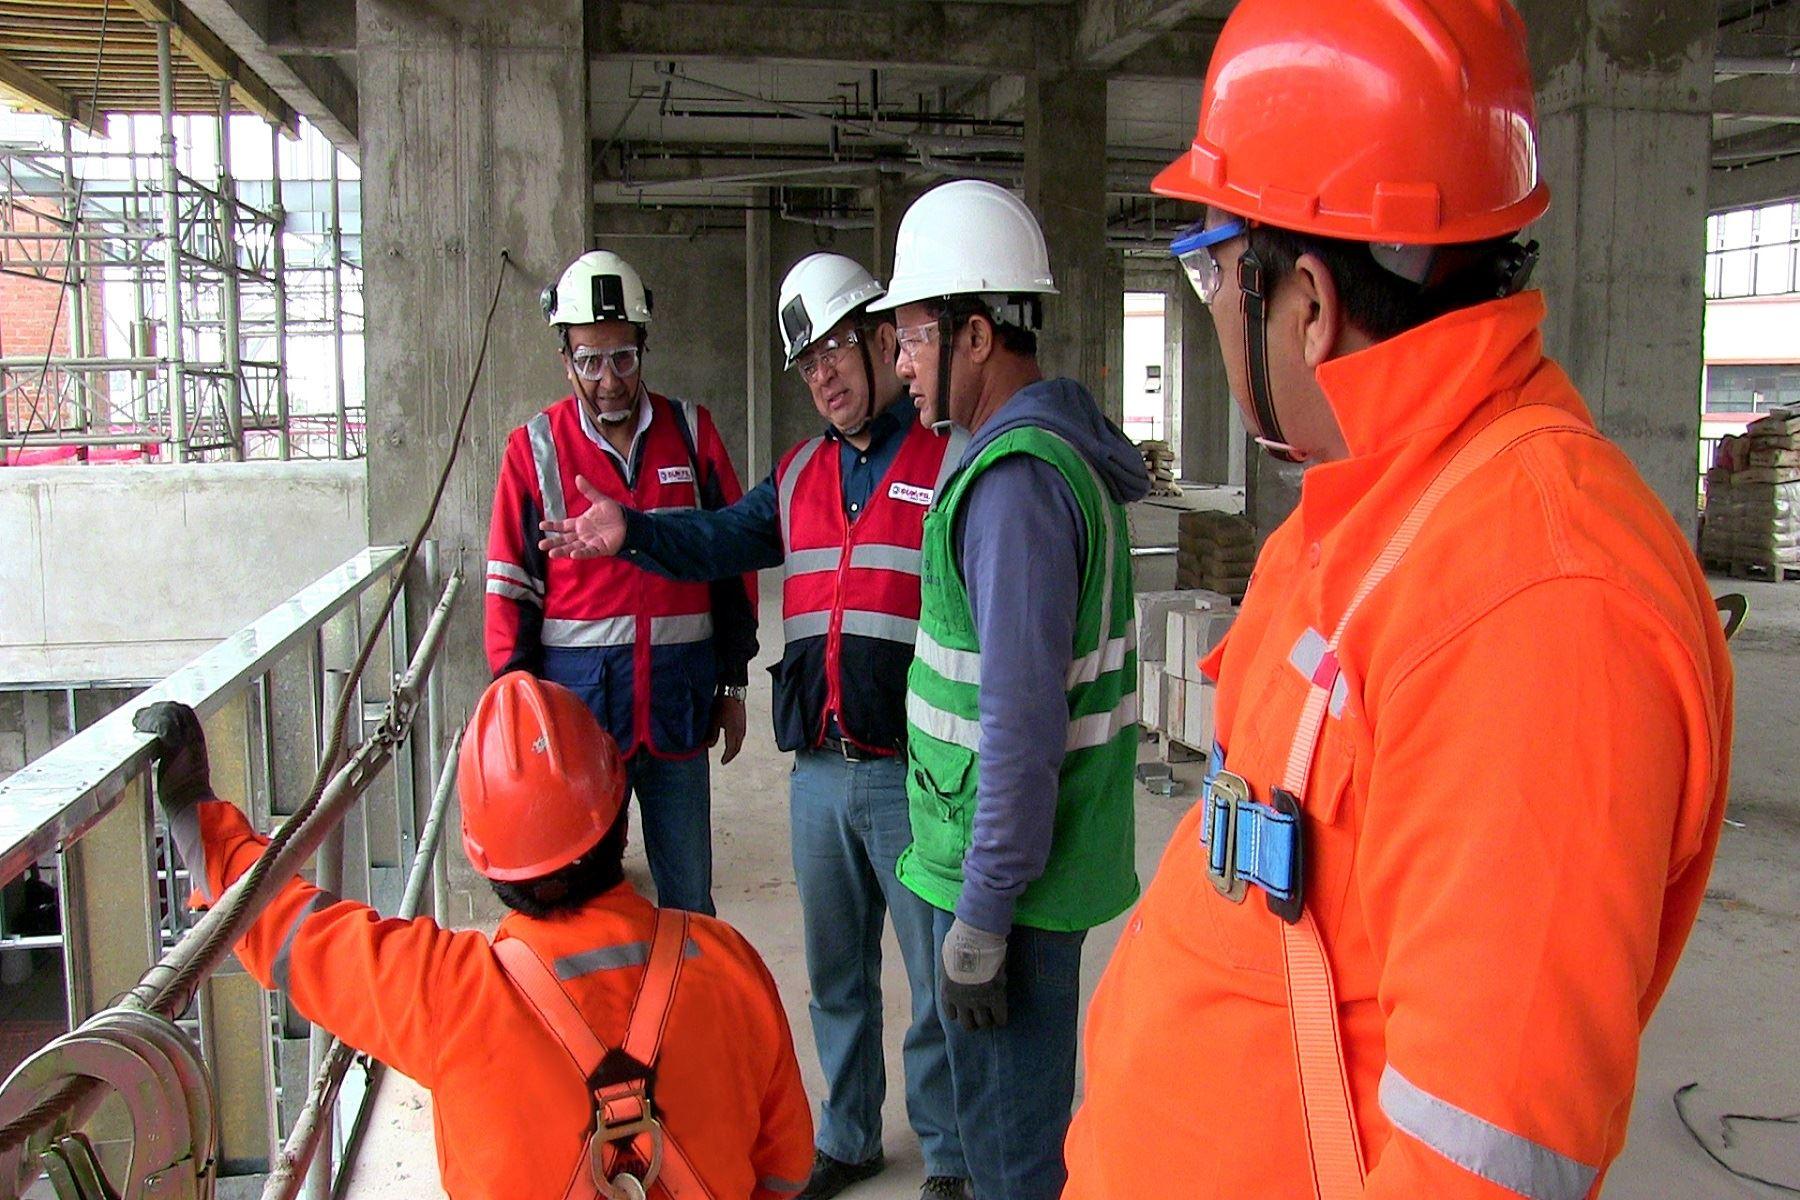 Paralizan obras de construcción civil que ponían en riesgo a 236 trabajadores Foto: Sunafil